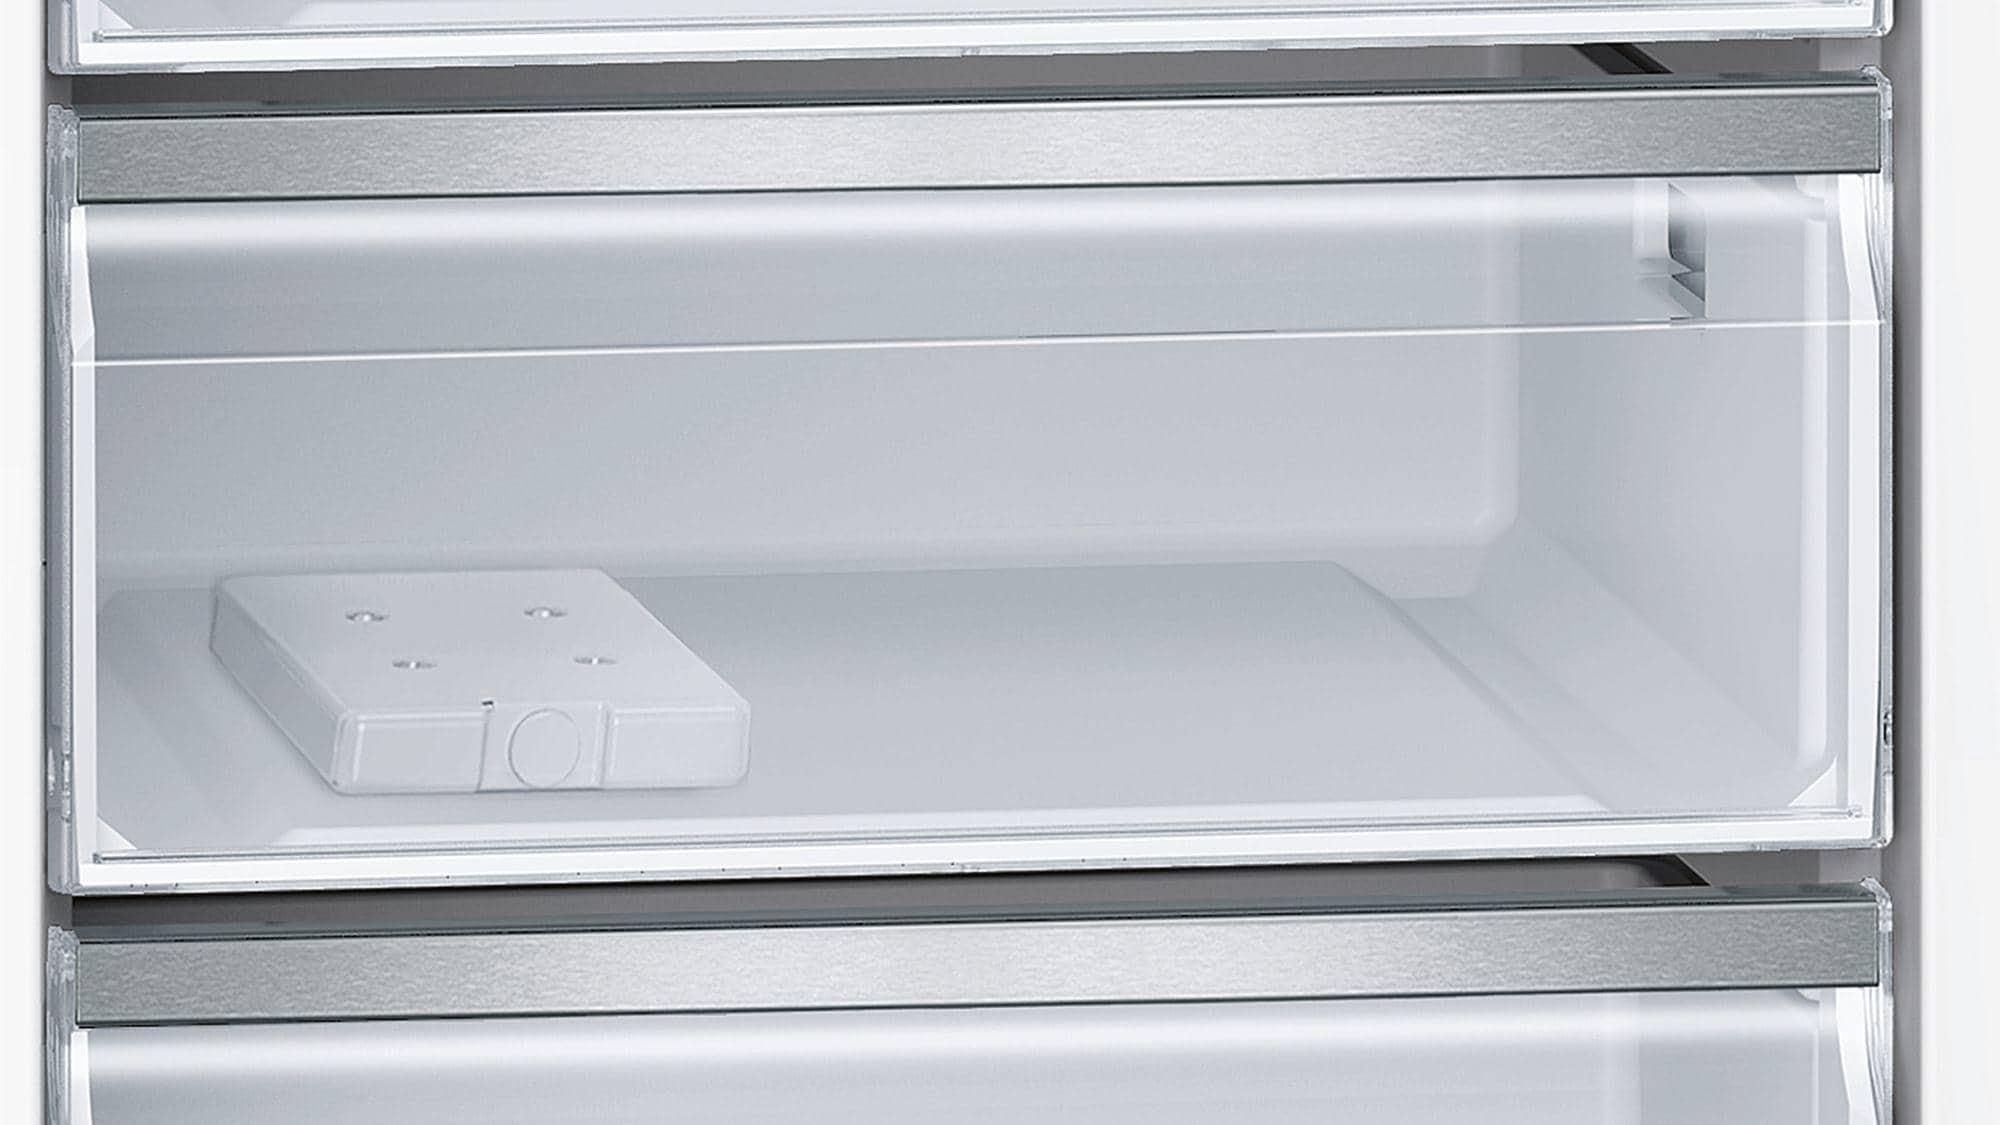 Bomann Kühlschrank 45 Cm Breit : Siemens gs naw a stand gefrierschrank weiß cm breit